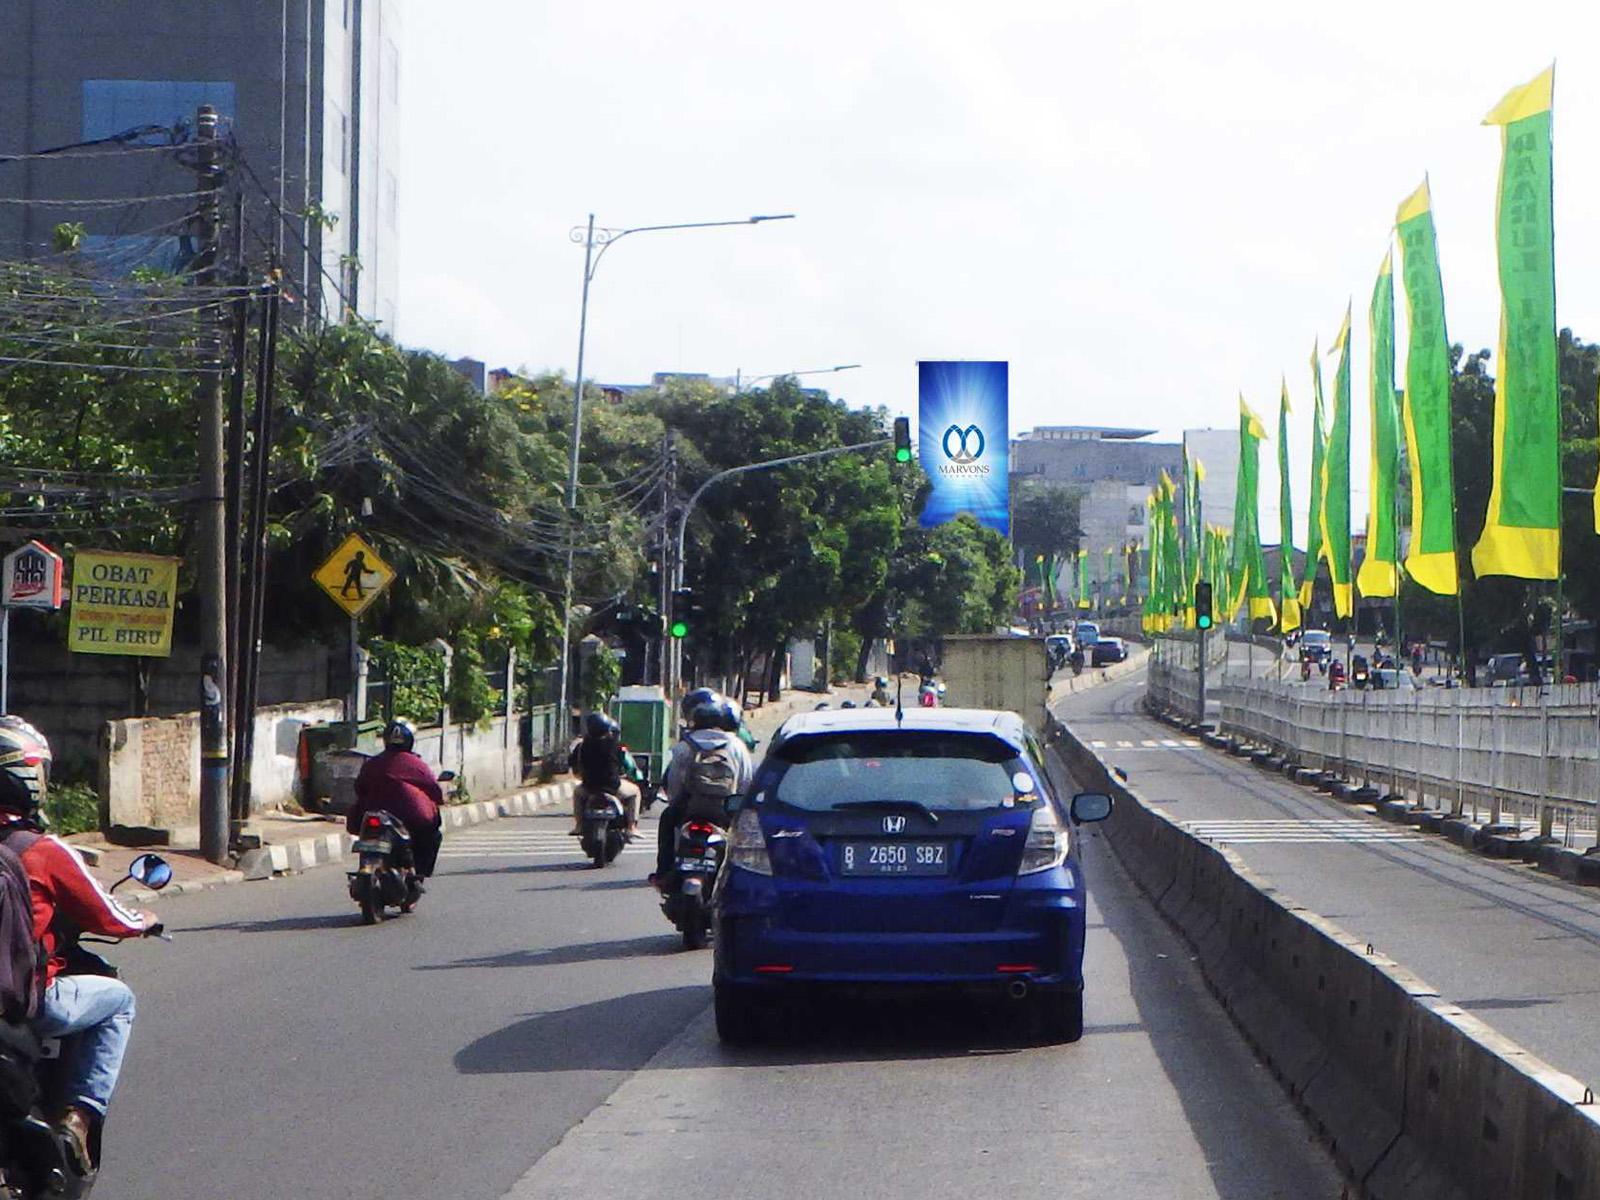 Warung Jati Barat (Depan Bengkel Mobil) (MV 138) - 6 m x 12 m x 1 mk Vertikal